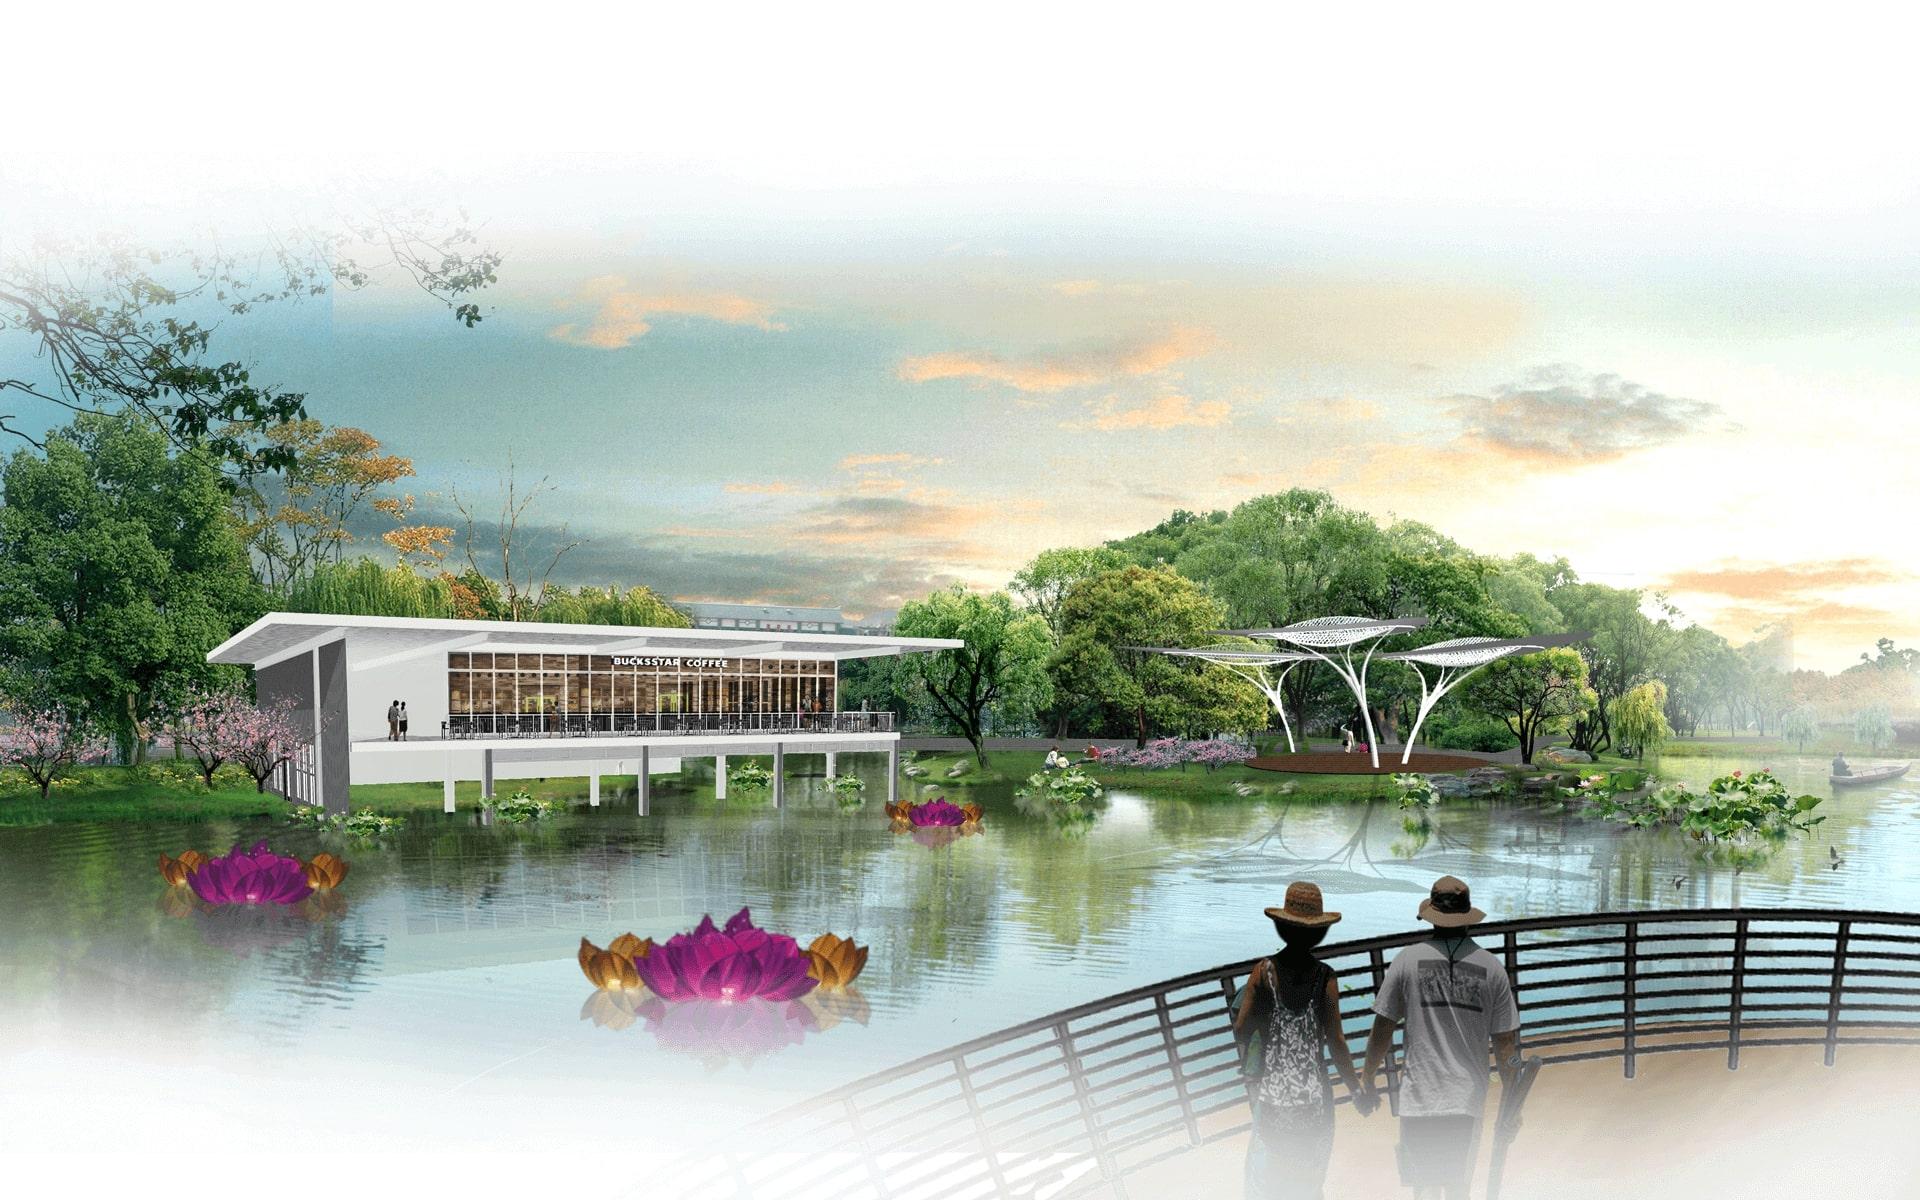 Tiện ích cộng đồng tại Dạo bộ thể thao Saigon Sports City quận 2 - Căn hộ Velona Keppel Land 1.